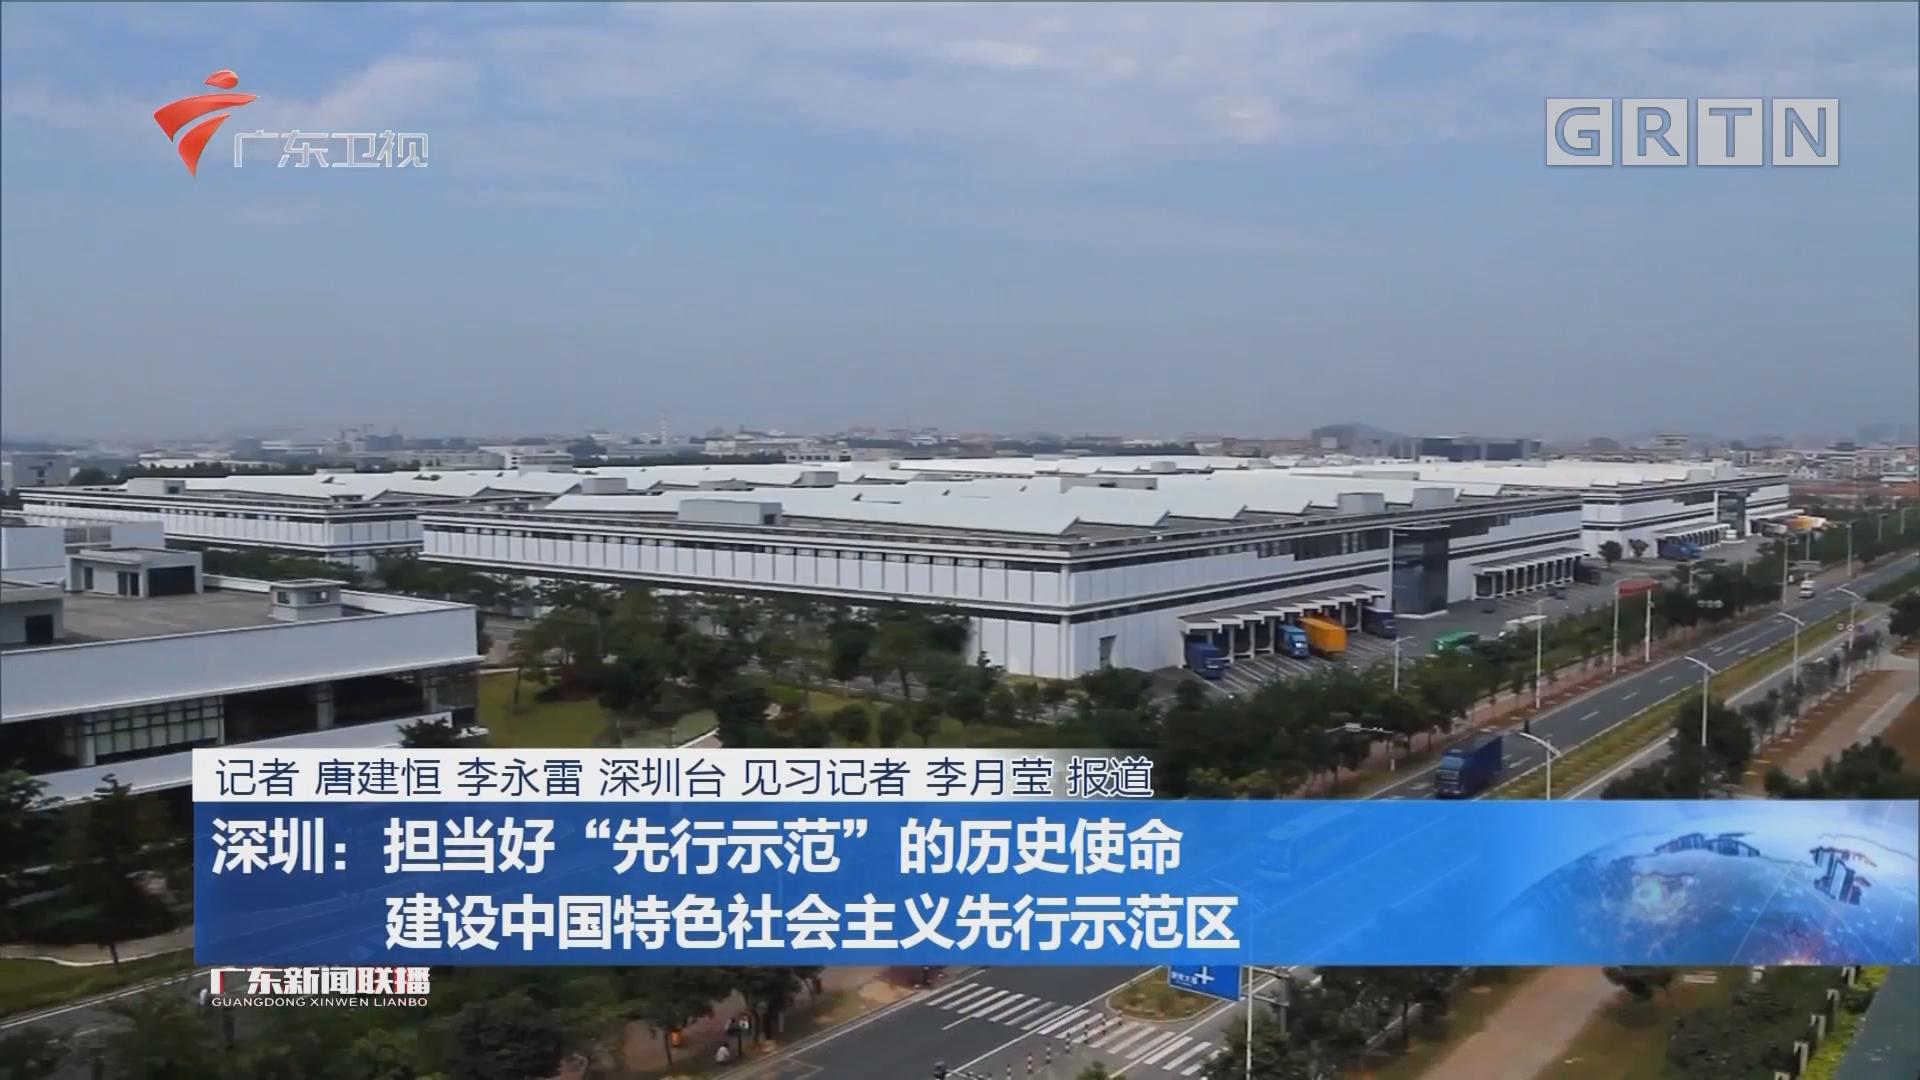 """深圳:担当好""""先行示范""""的历史使命 建设中国特色社会主义先行示范区"""